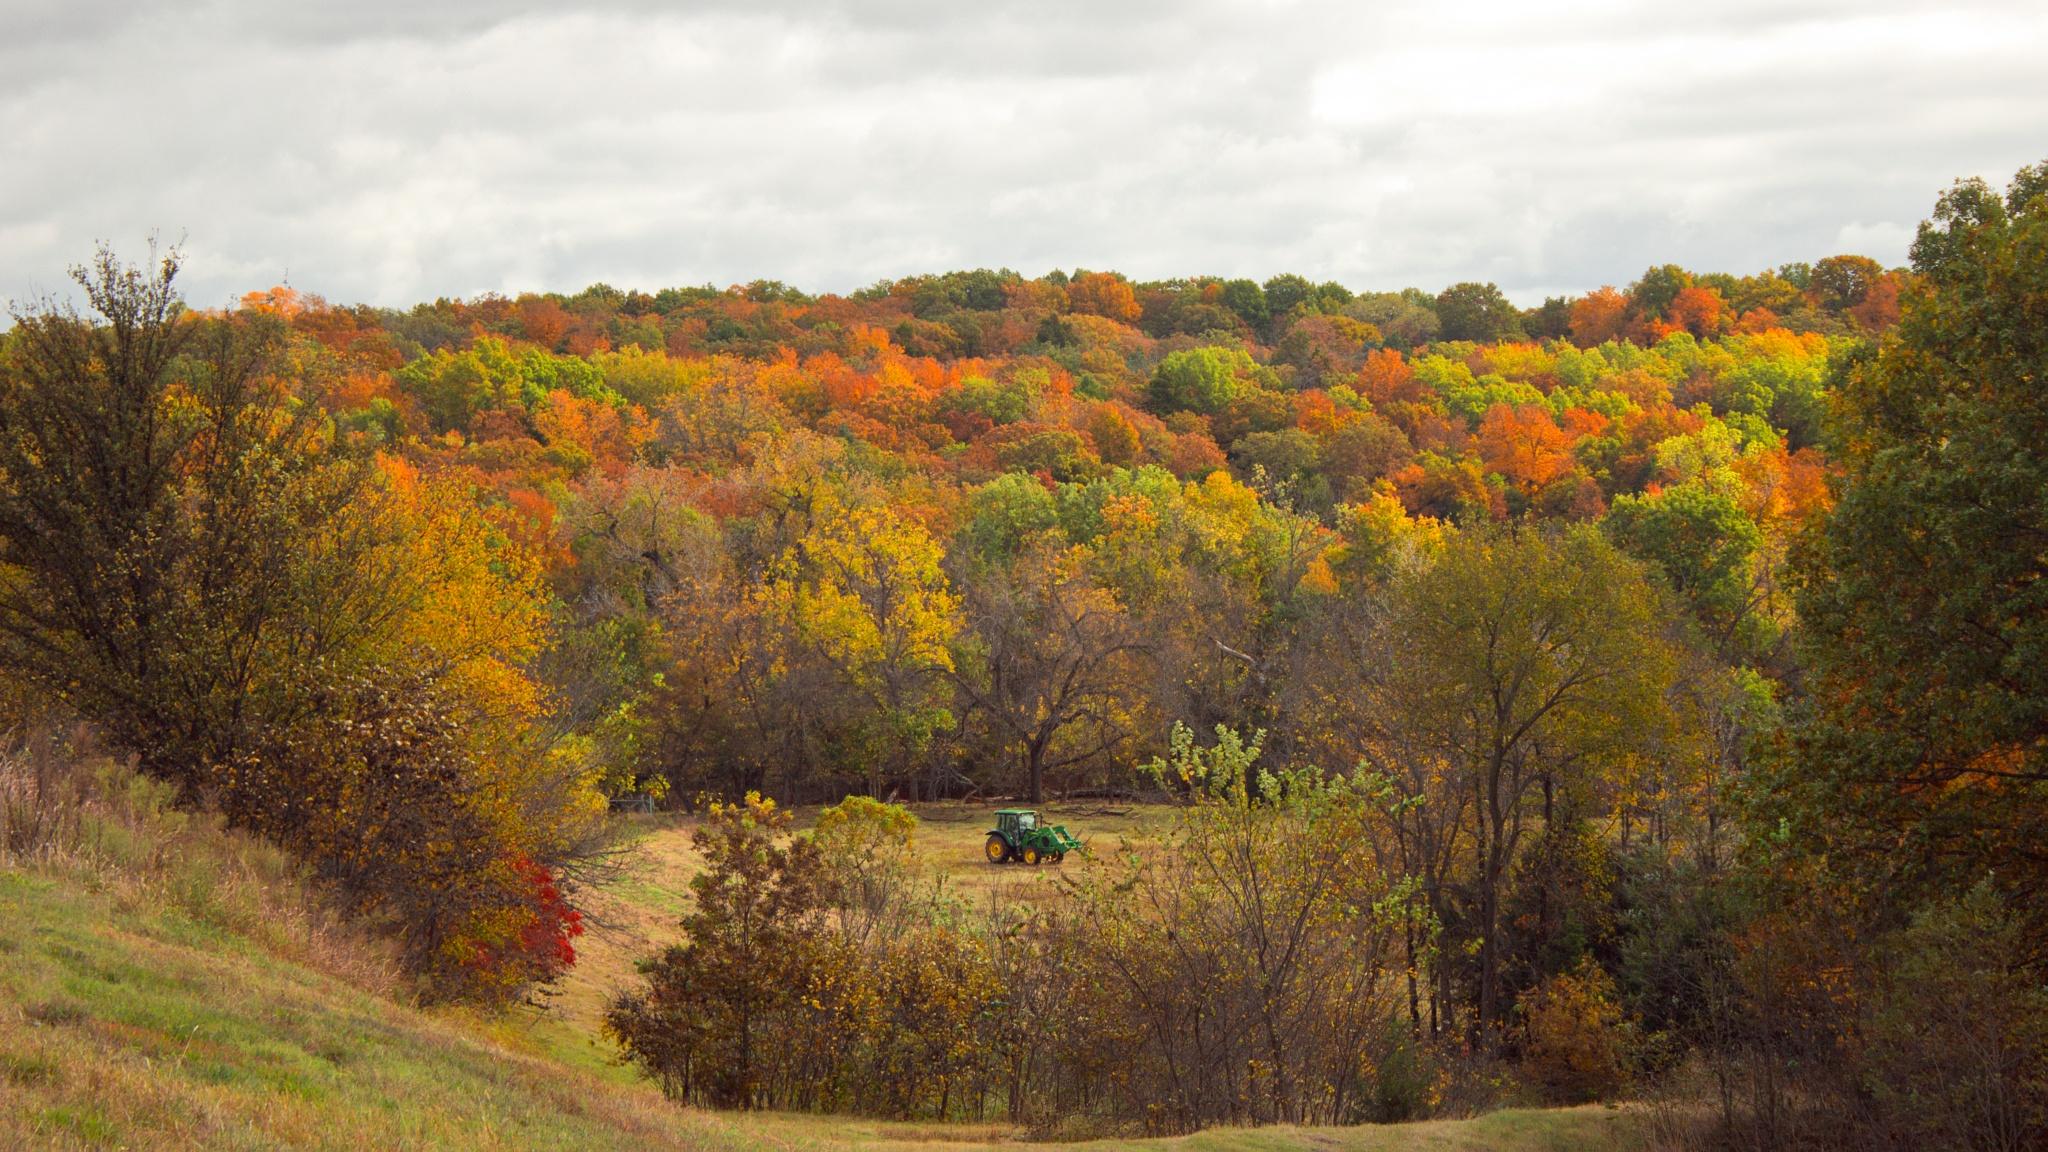 Autumn Spendor by kraganderson